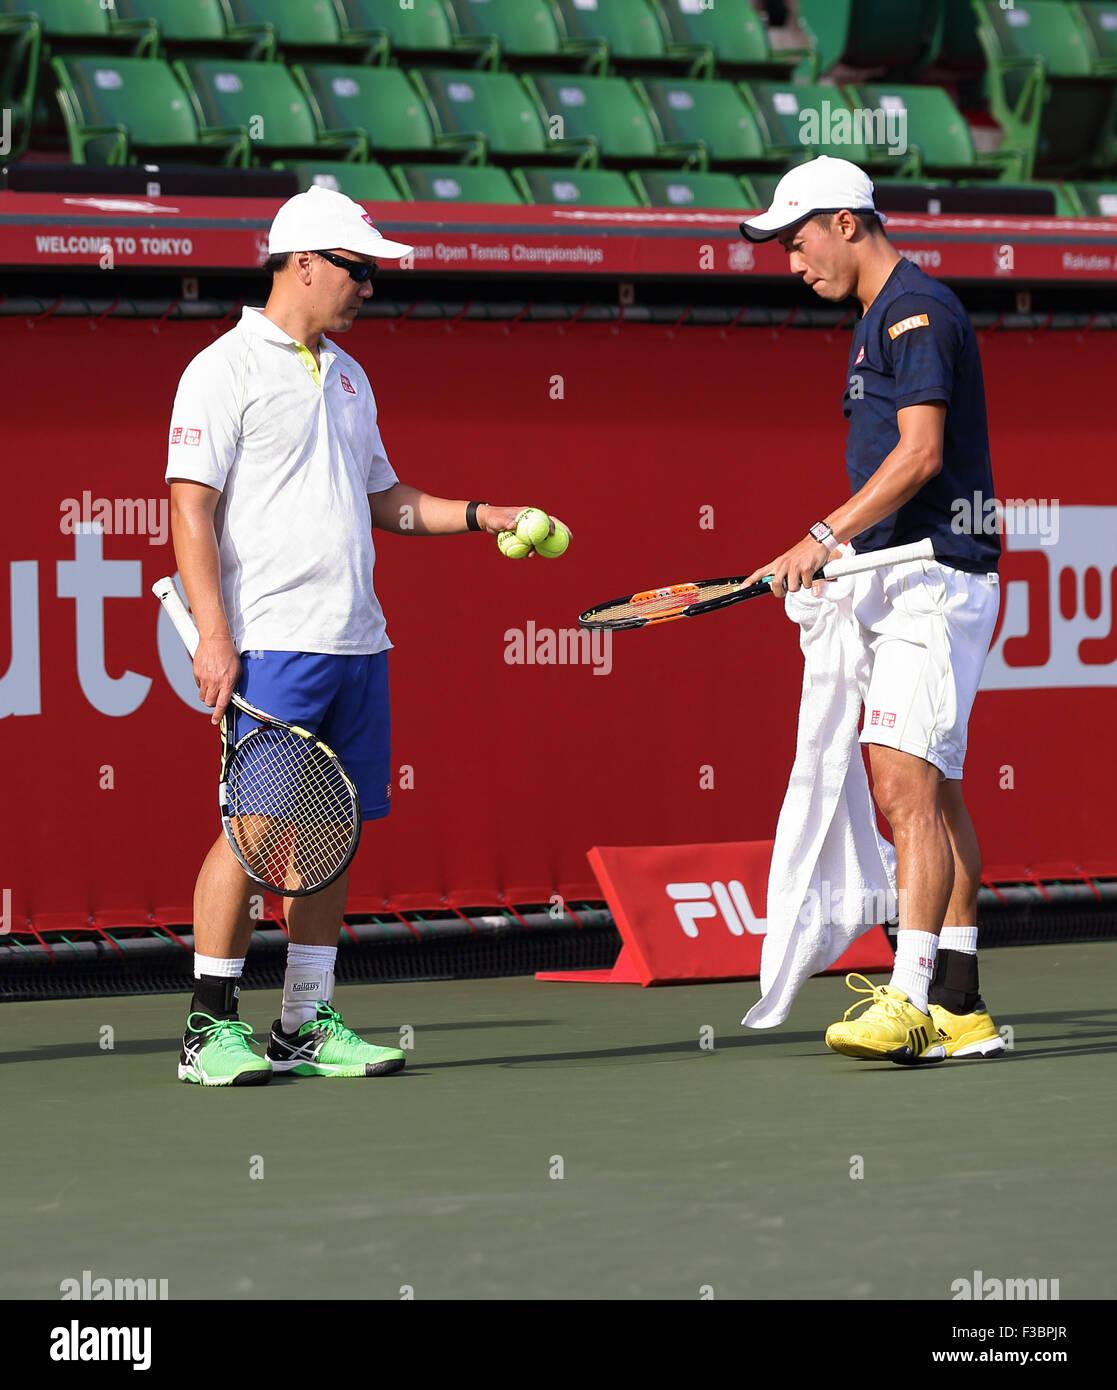 Michael Chang Kei Nishikori Stock Photos & Michael Chang Kei